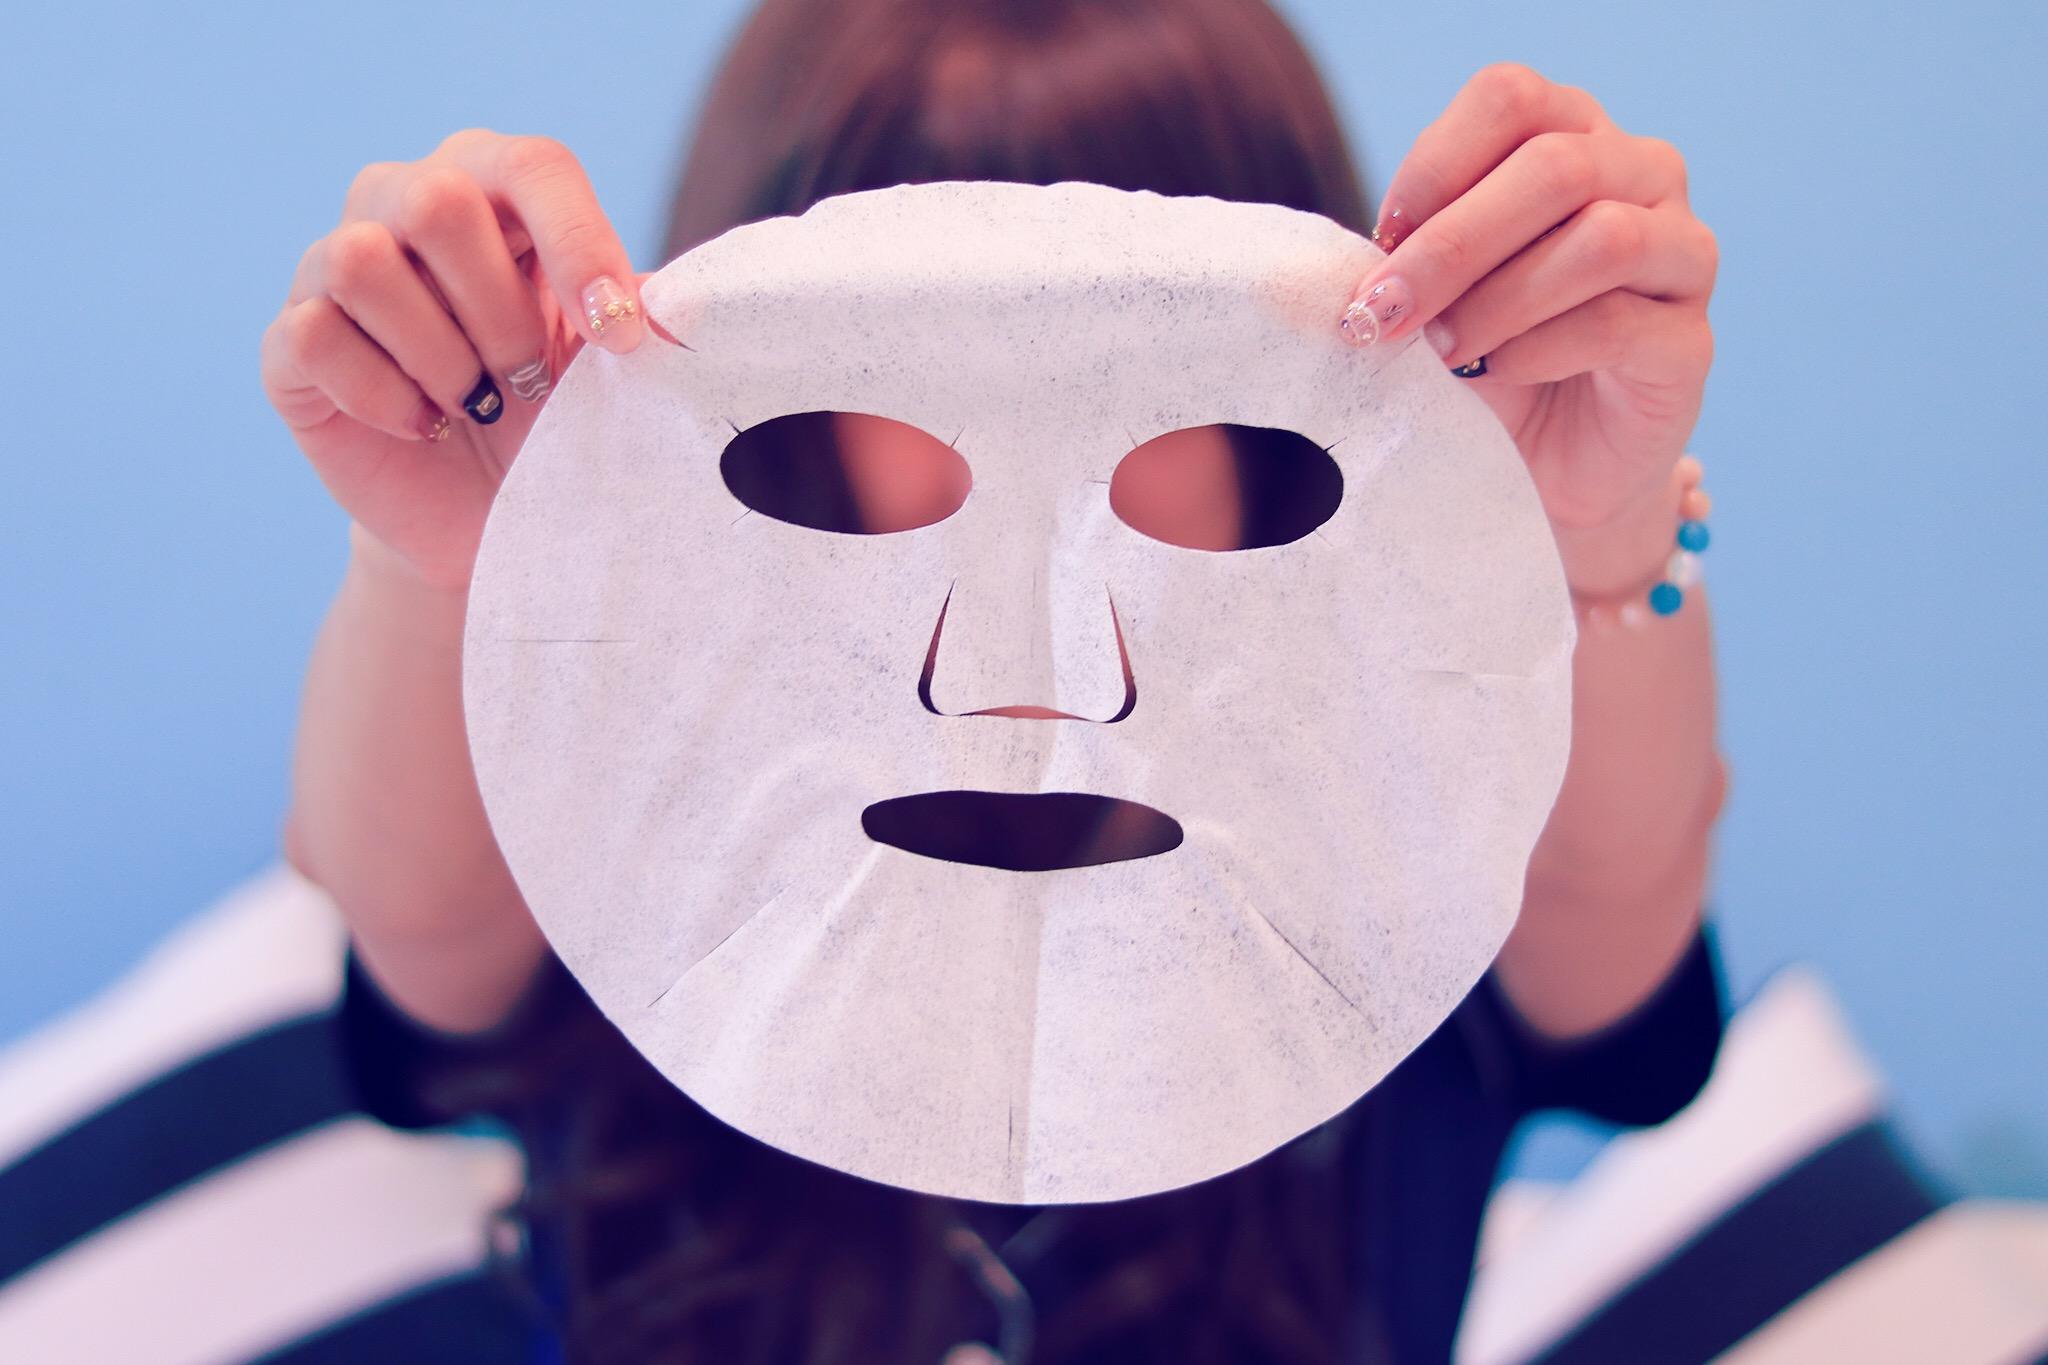 ジョンソンベビーオイル 顔への効果的な使い方は?時短もっちり美肌!